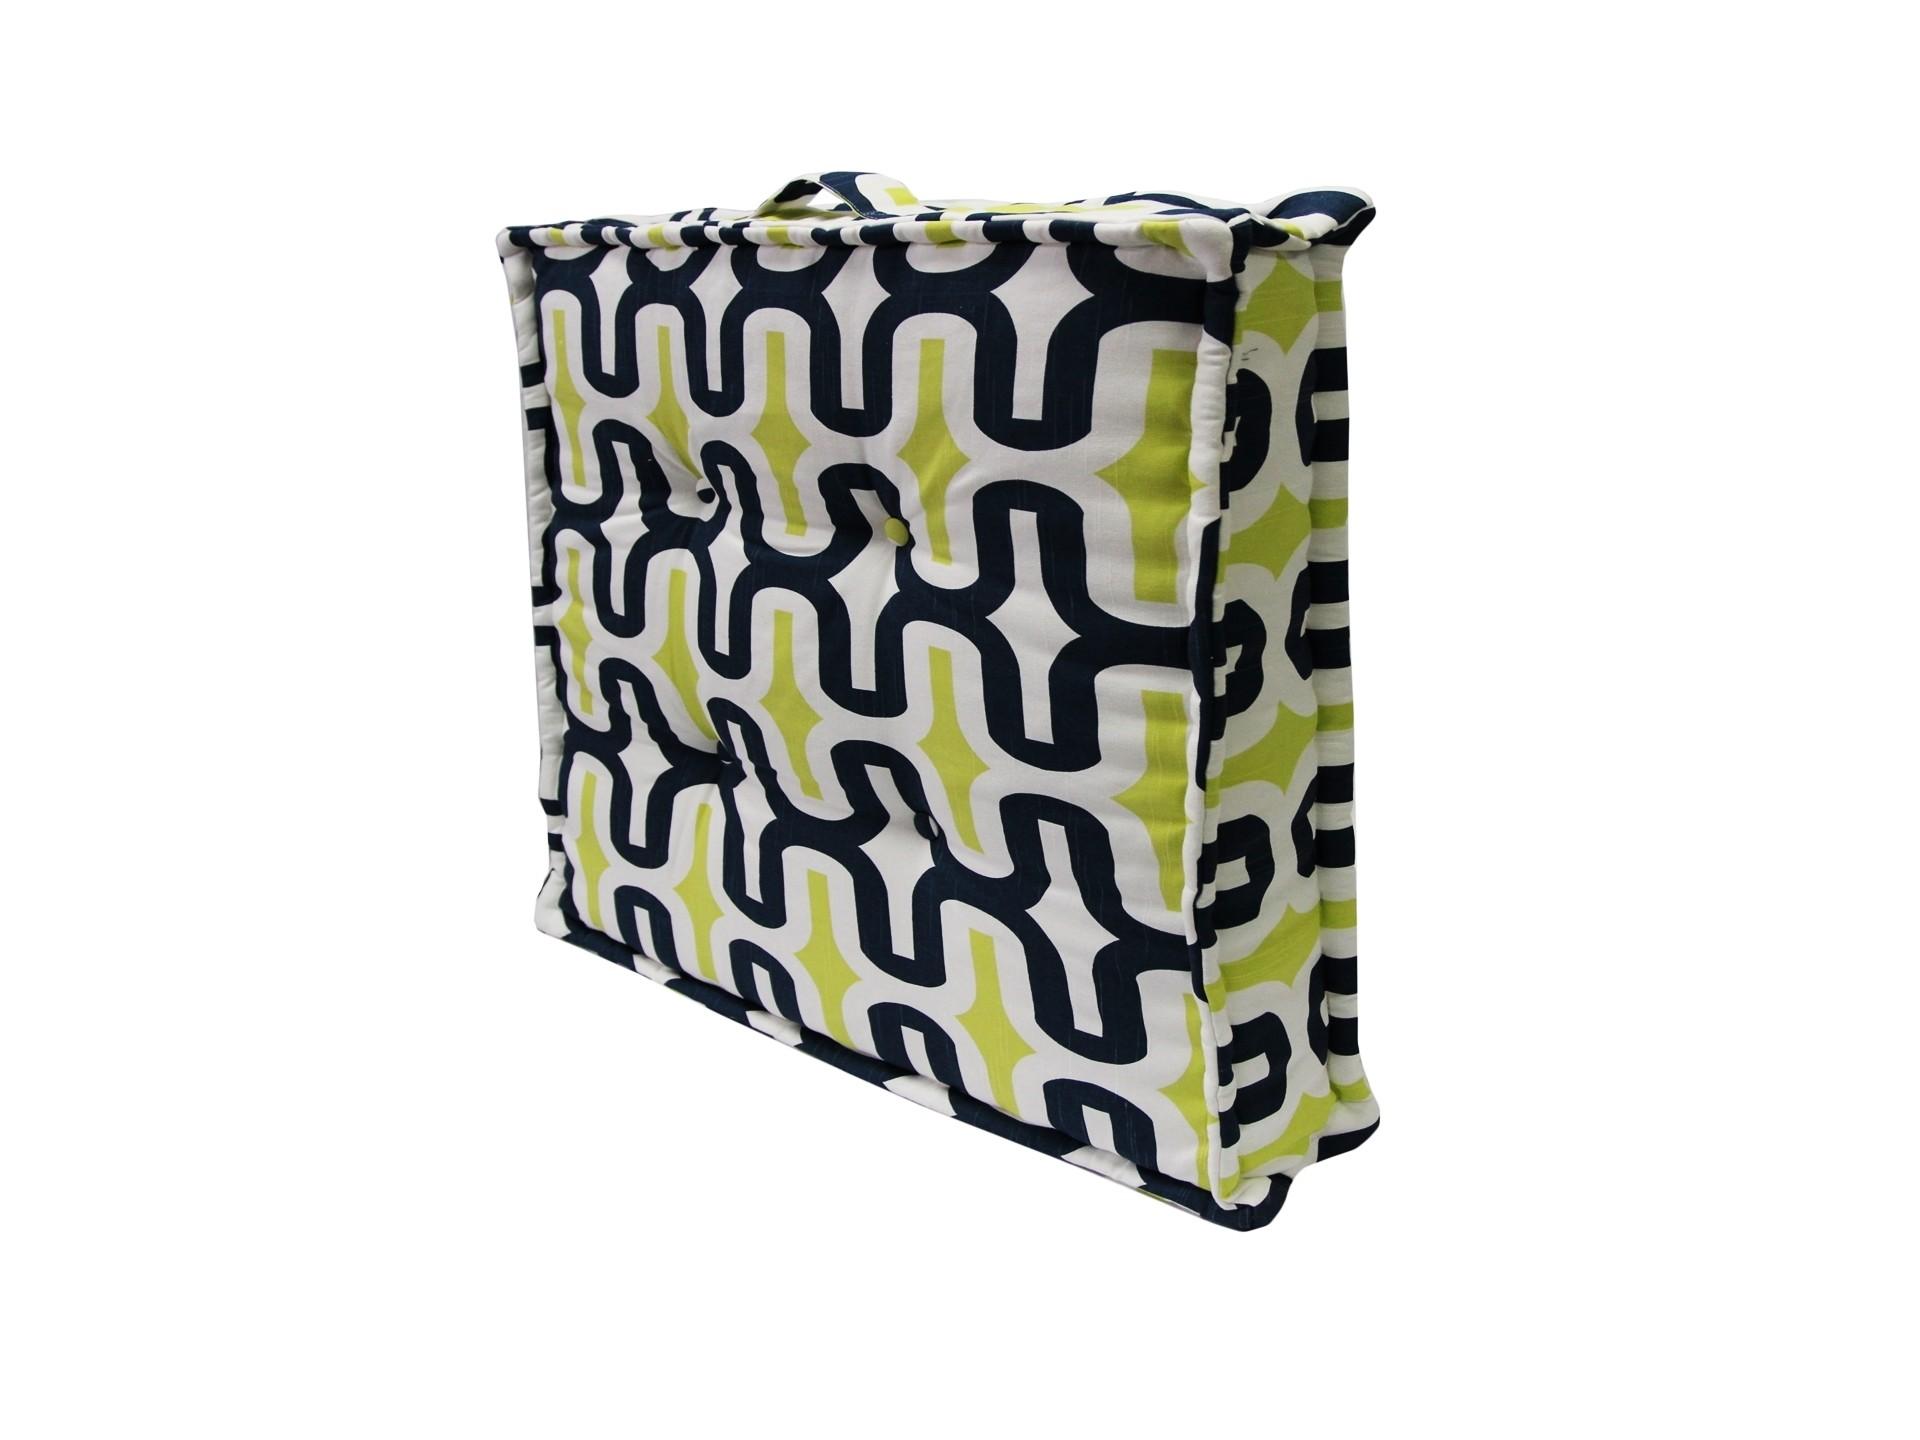 Подушка на пол Embrace CanalКвадратные подушки<br>Подушка на пол  станет ярким акцентом в вашем интерьере. Высококачественный материал приятен и безопасен даже для самой чувствительной кожи.  Оригинальная подушка сделает пространство стильным и уютным.<br><br>Material: Хлопок<br>Width см: 70<br>Depth см: 70<br>Height см: 10